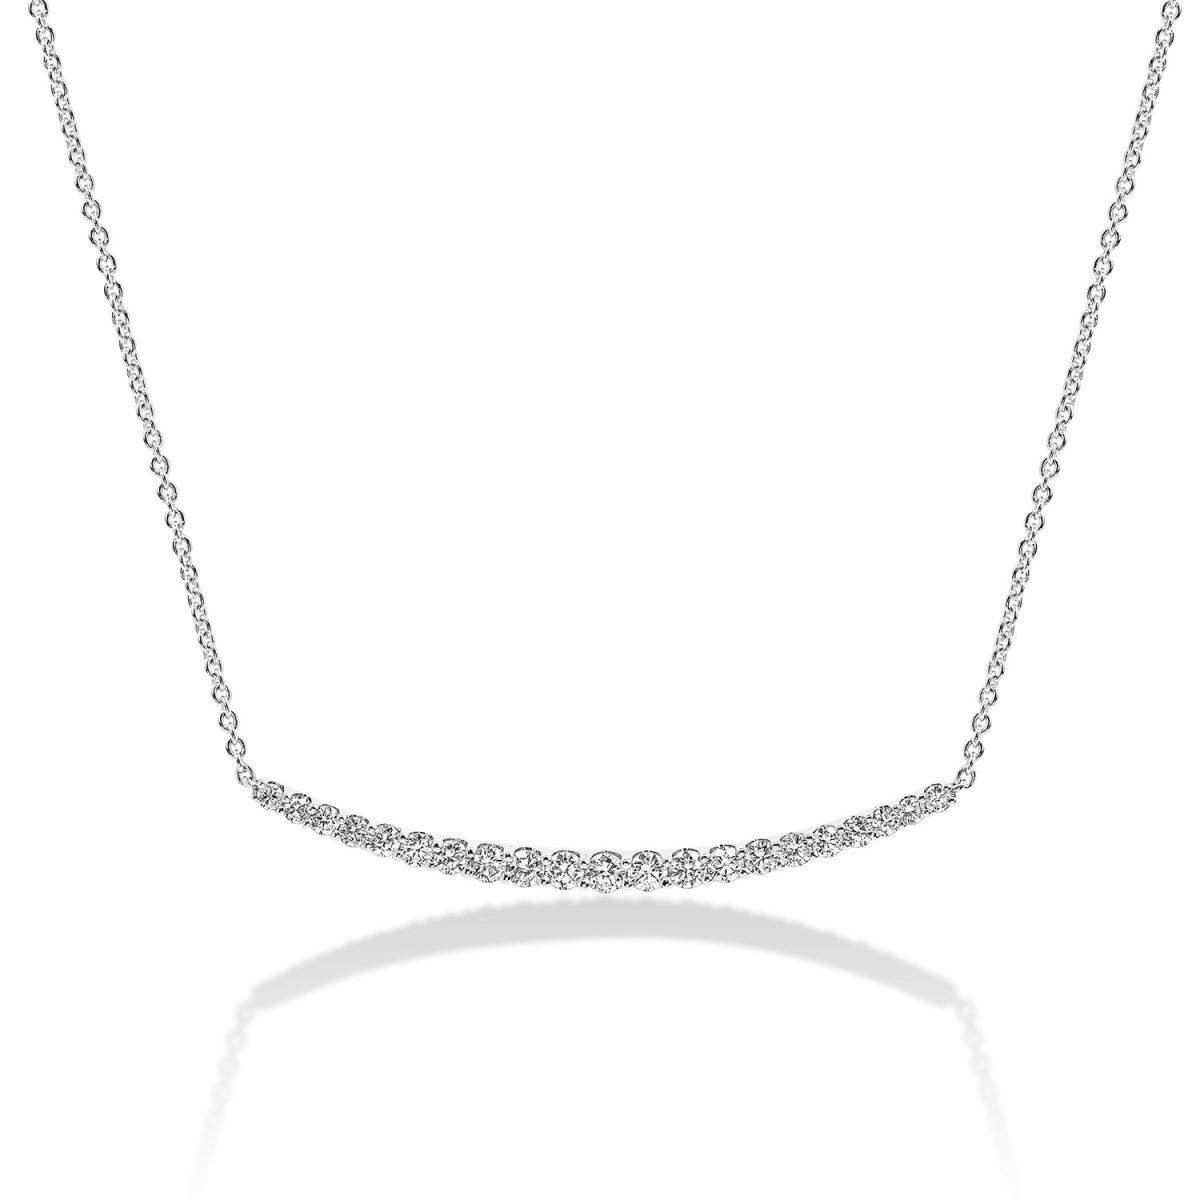 שרשרת יהלומים גרייס - זהב לבן